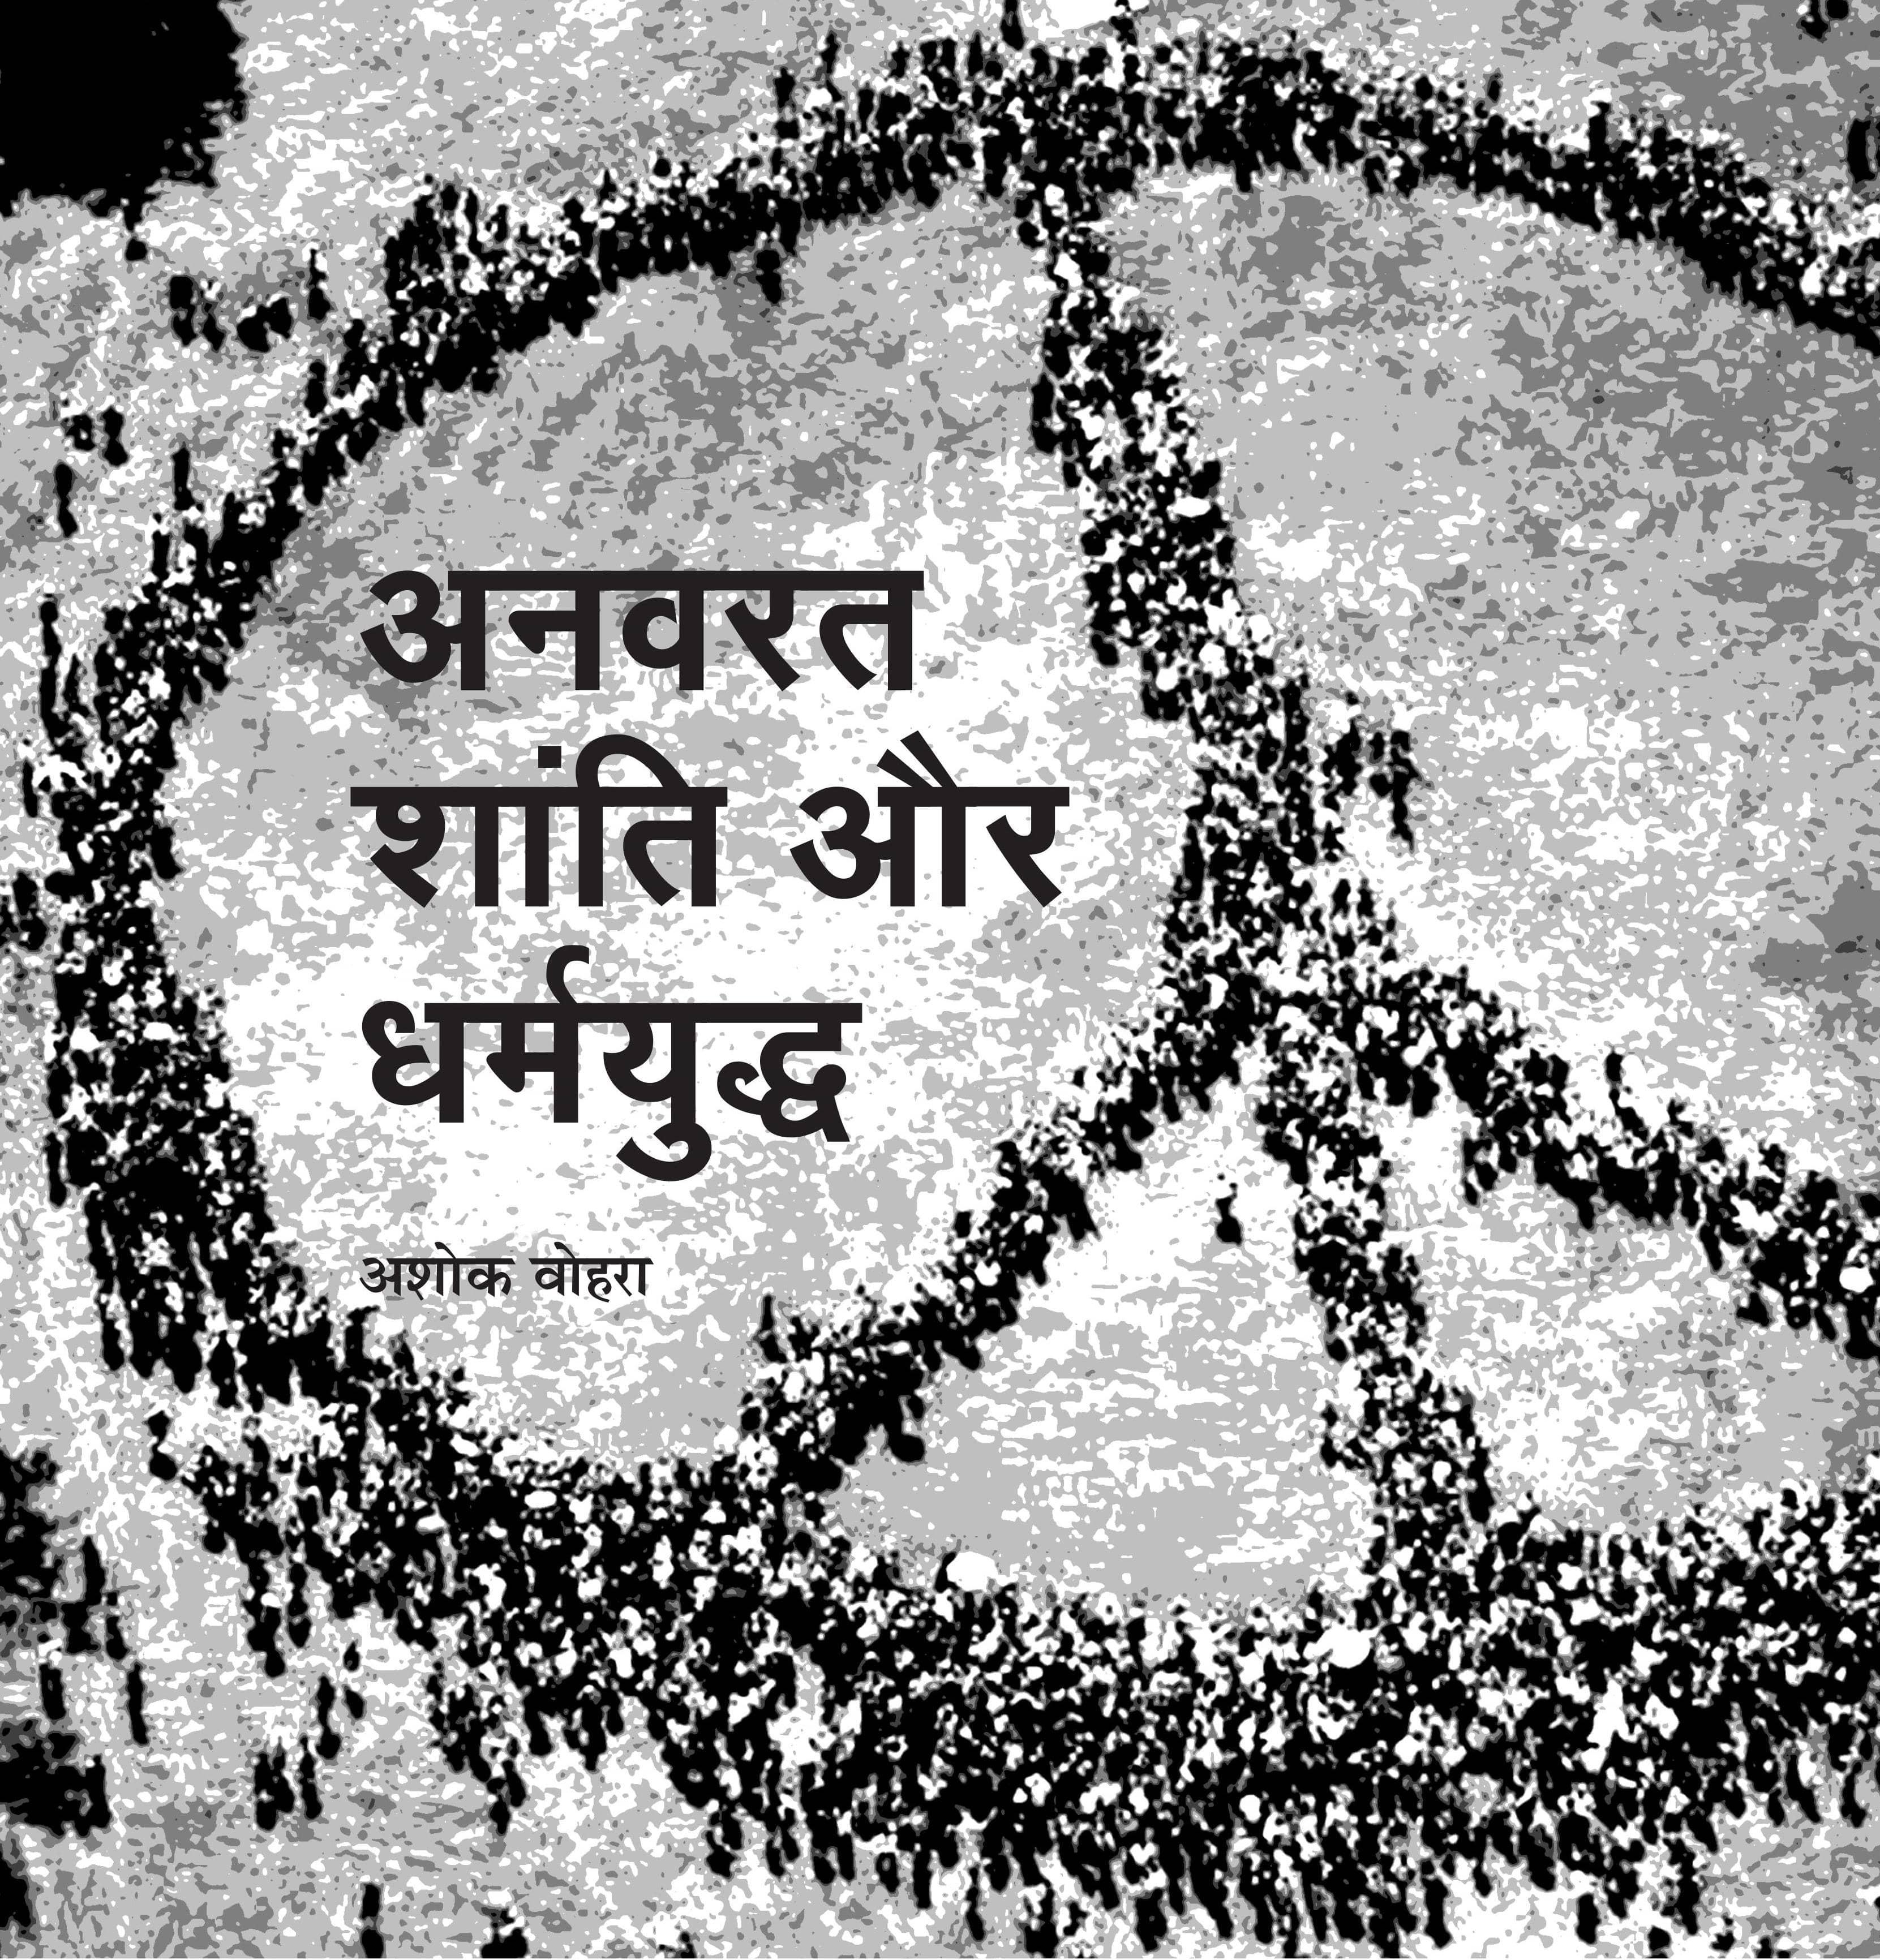 अनवरत शांति और धर्मयुद्ध